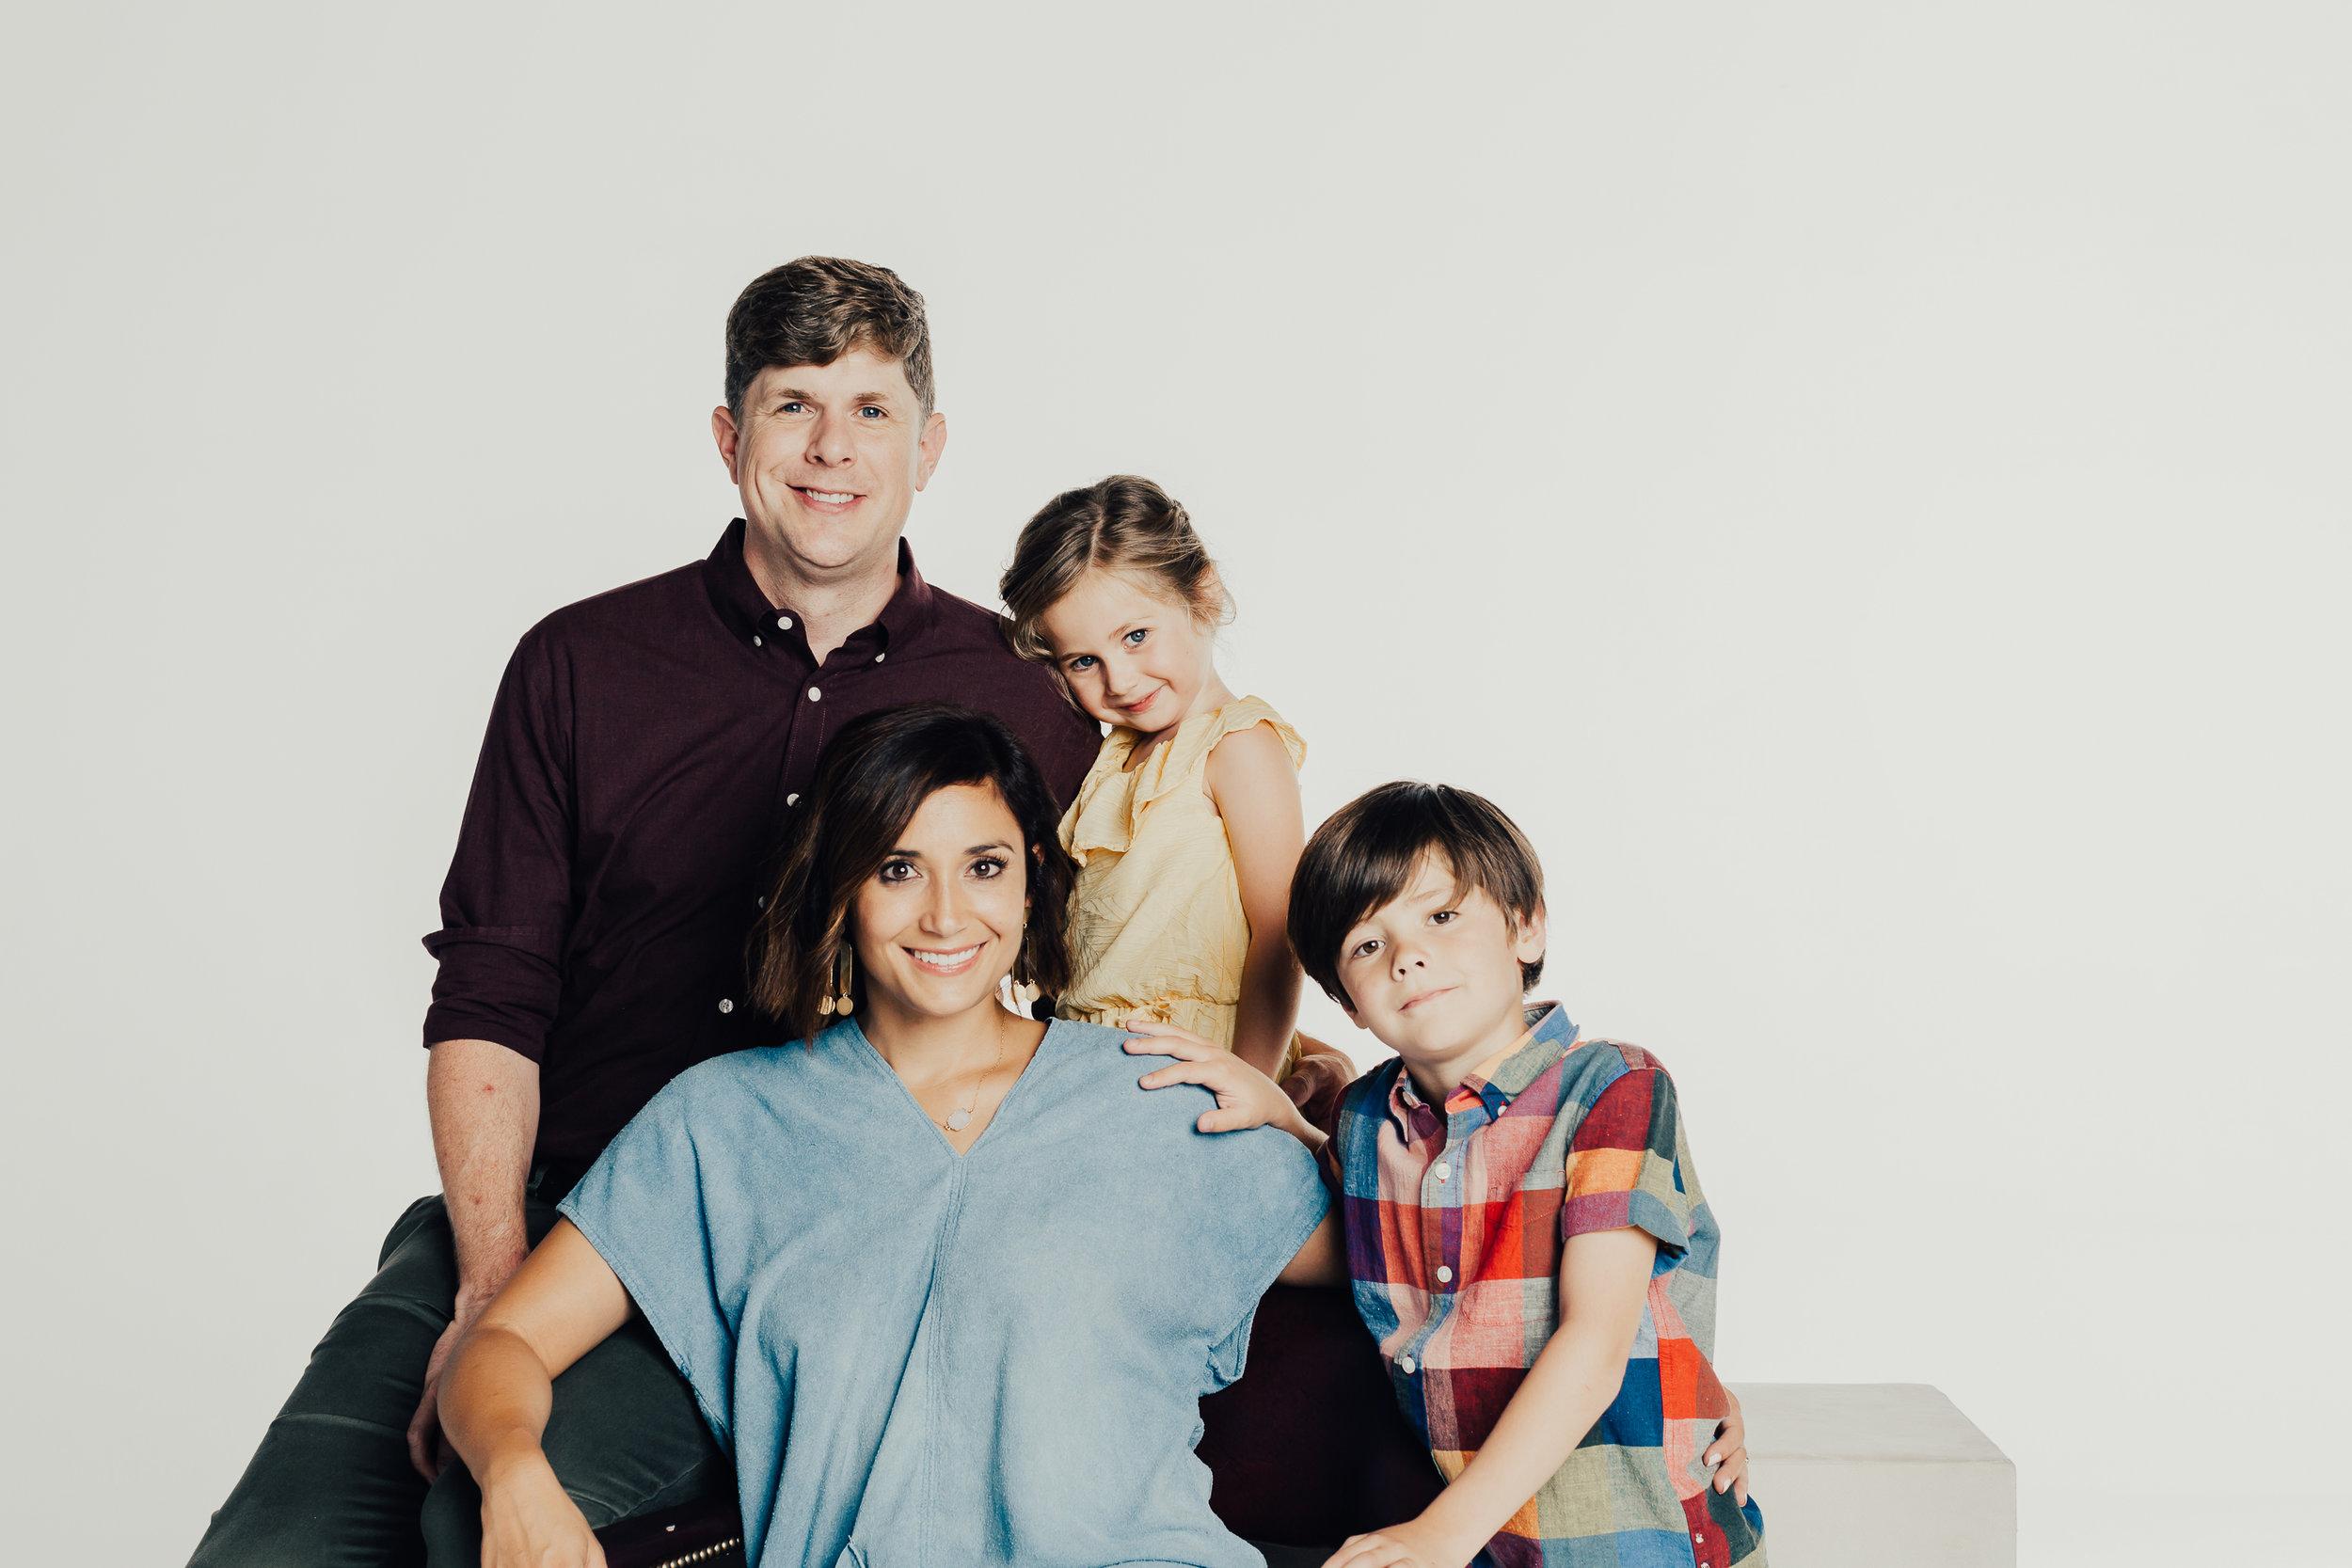 Gianna Keiko Atlanta Family Studio Portrait Photographer-21.jpg